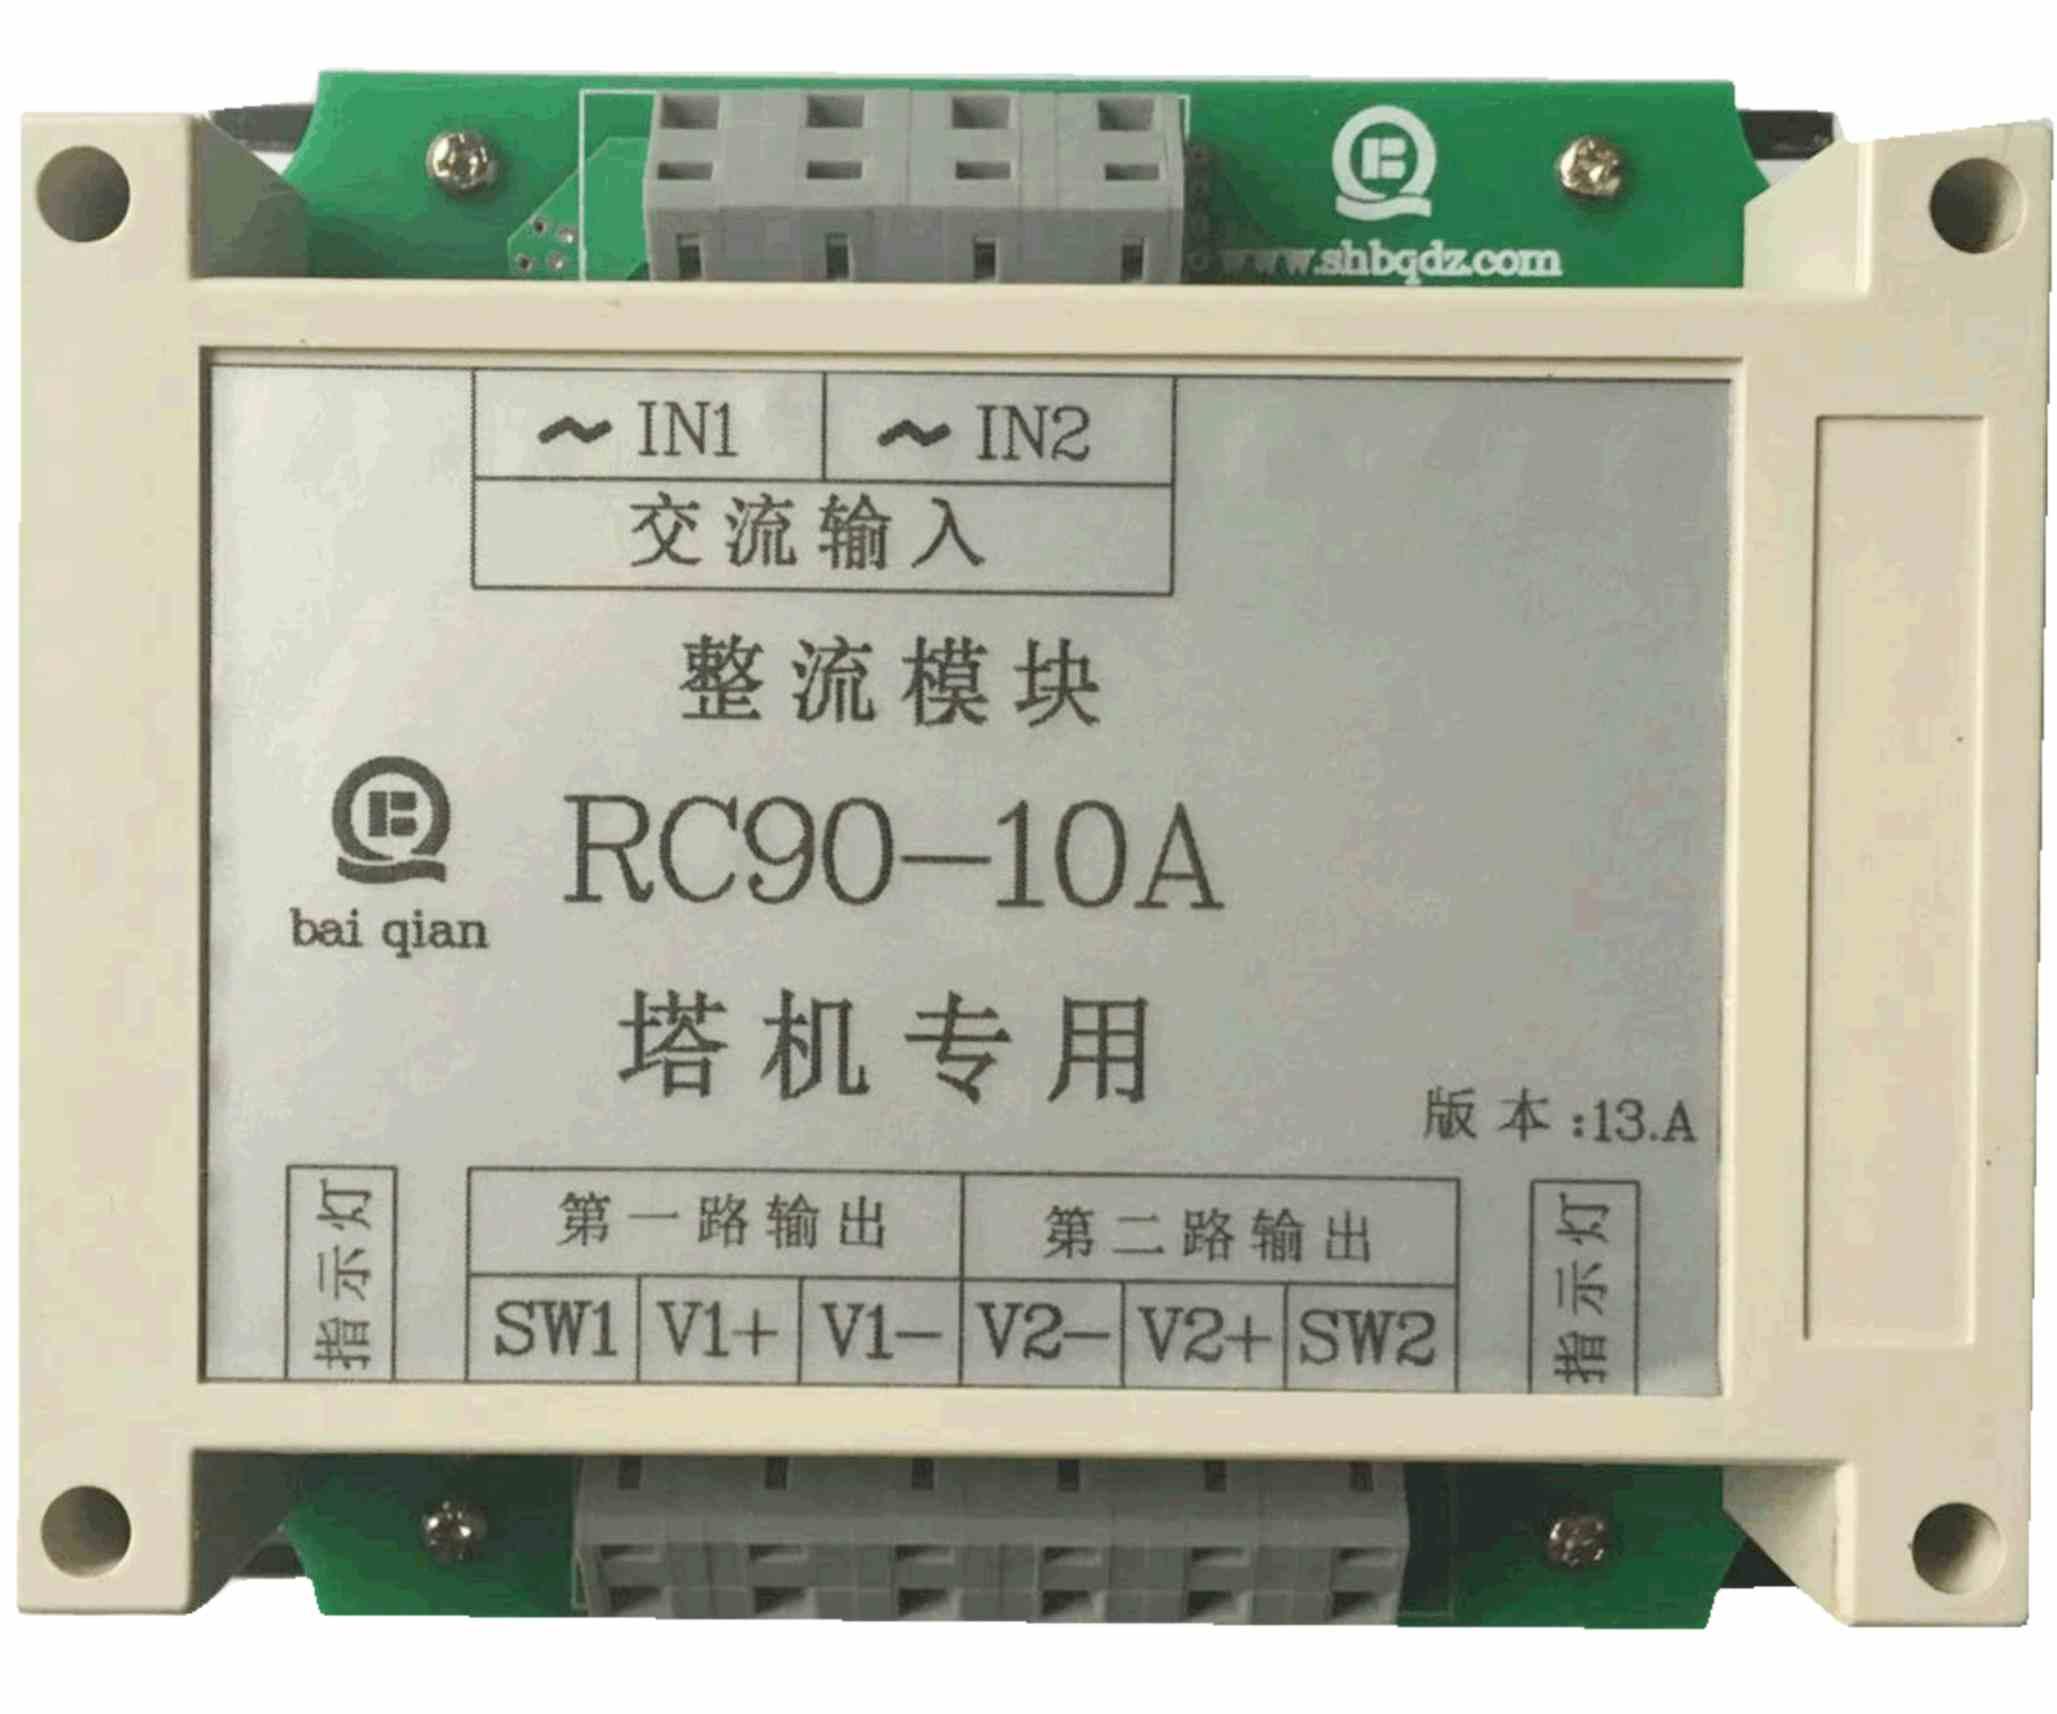 RC90-10A/ZL24-10A/SECC-3RC90-10A/ZL24-10A/SECC-3